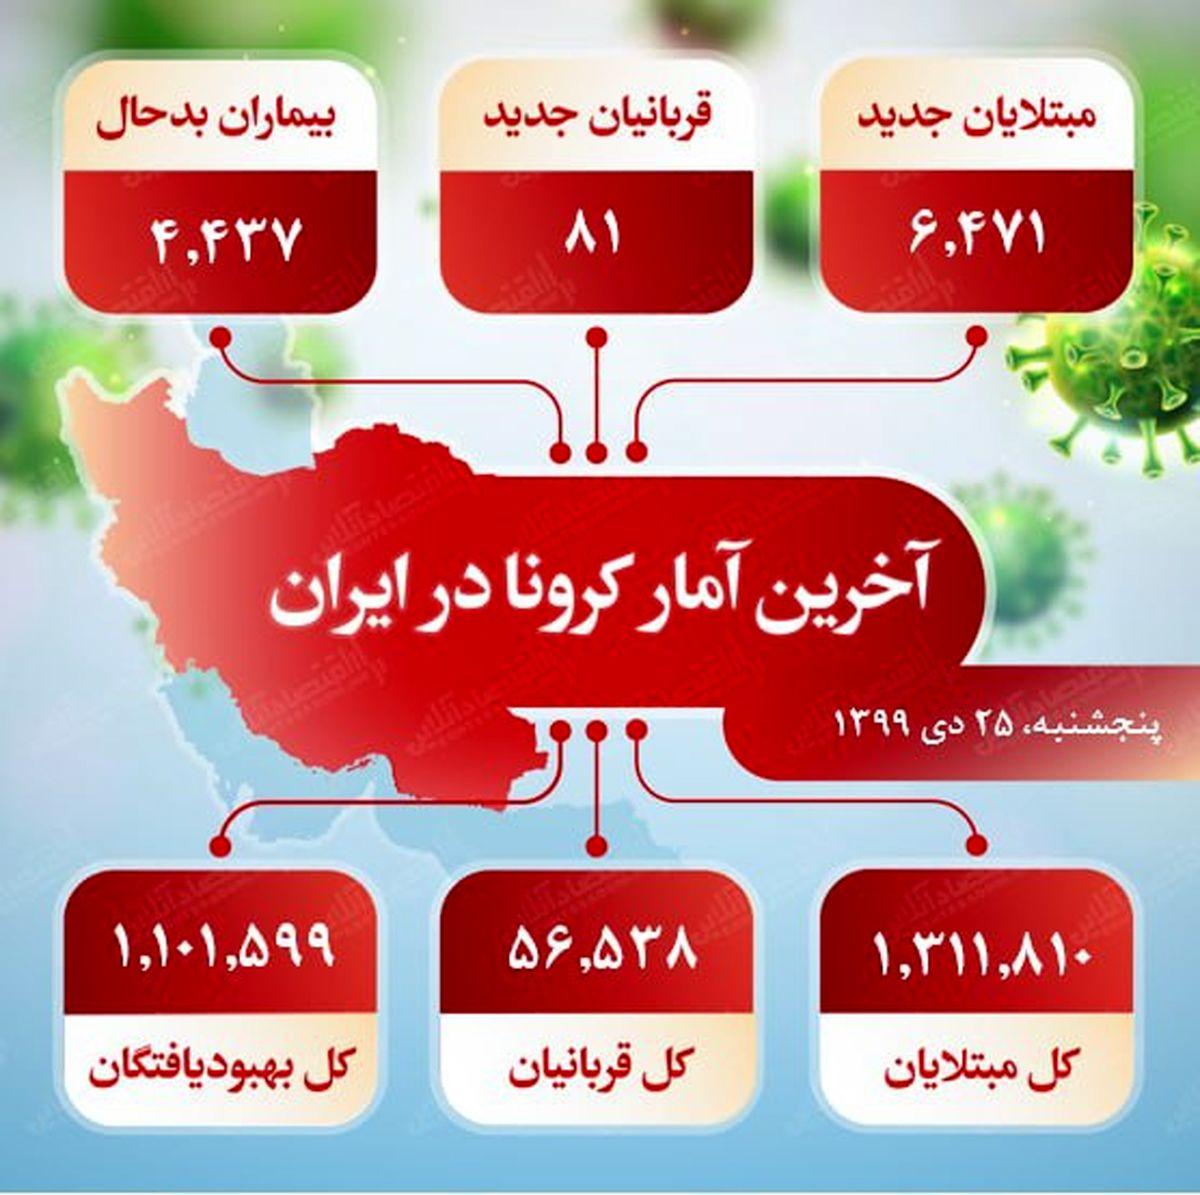 آخرین آمار کرونا در ایران (۹۹/۱۰/۲۵)